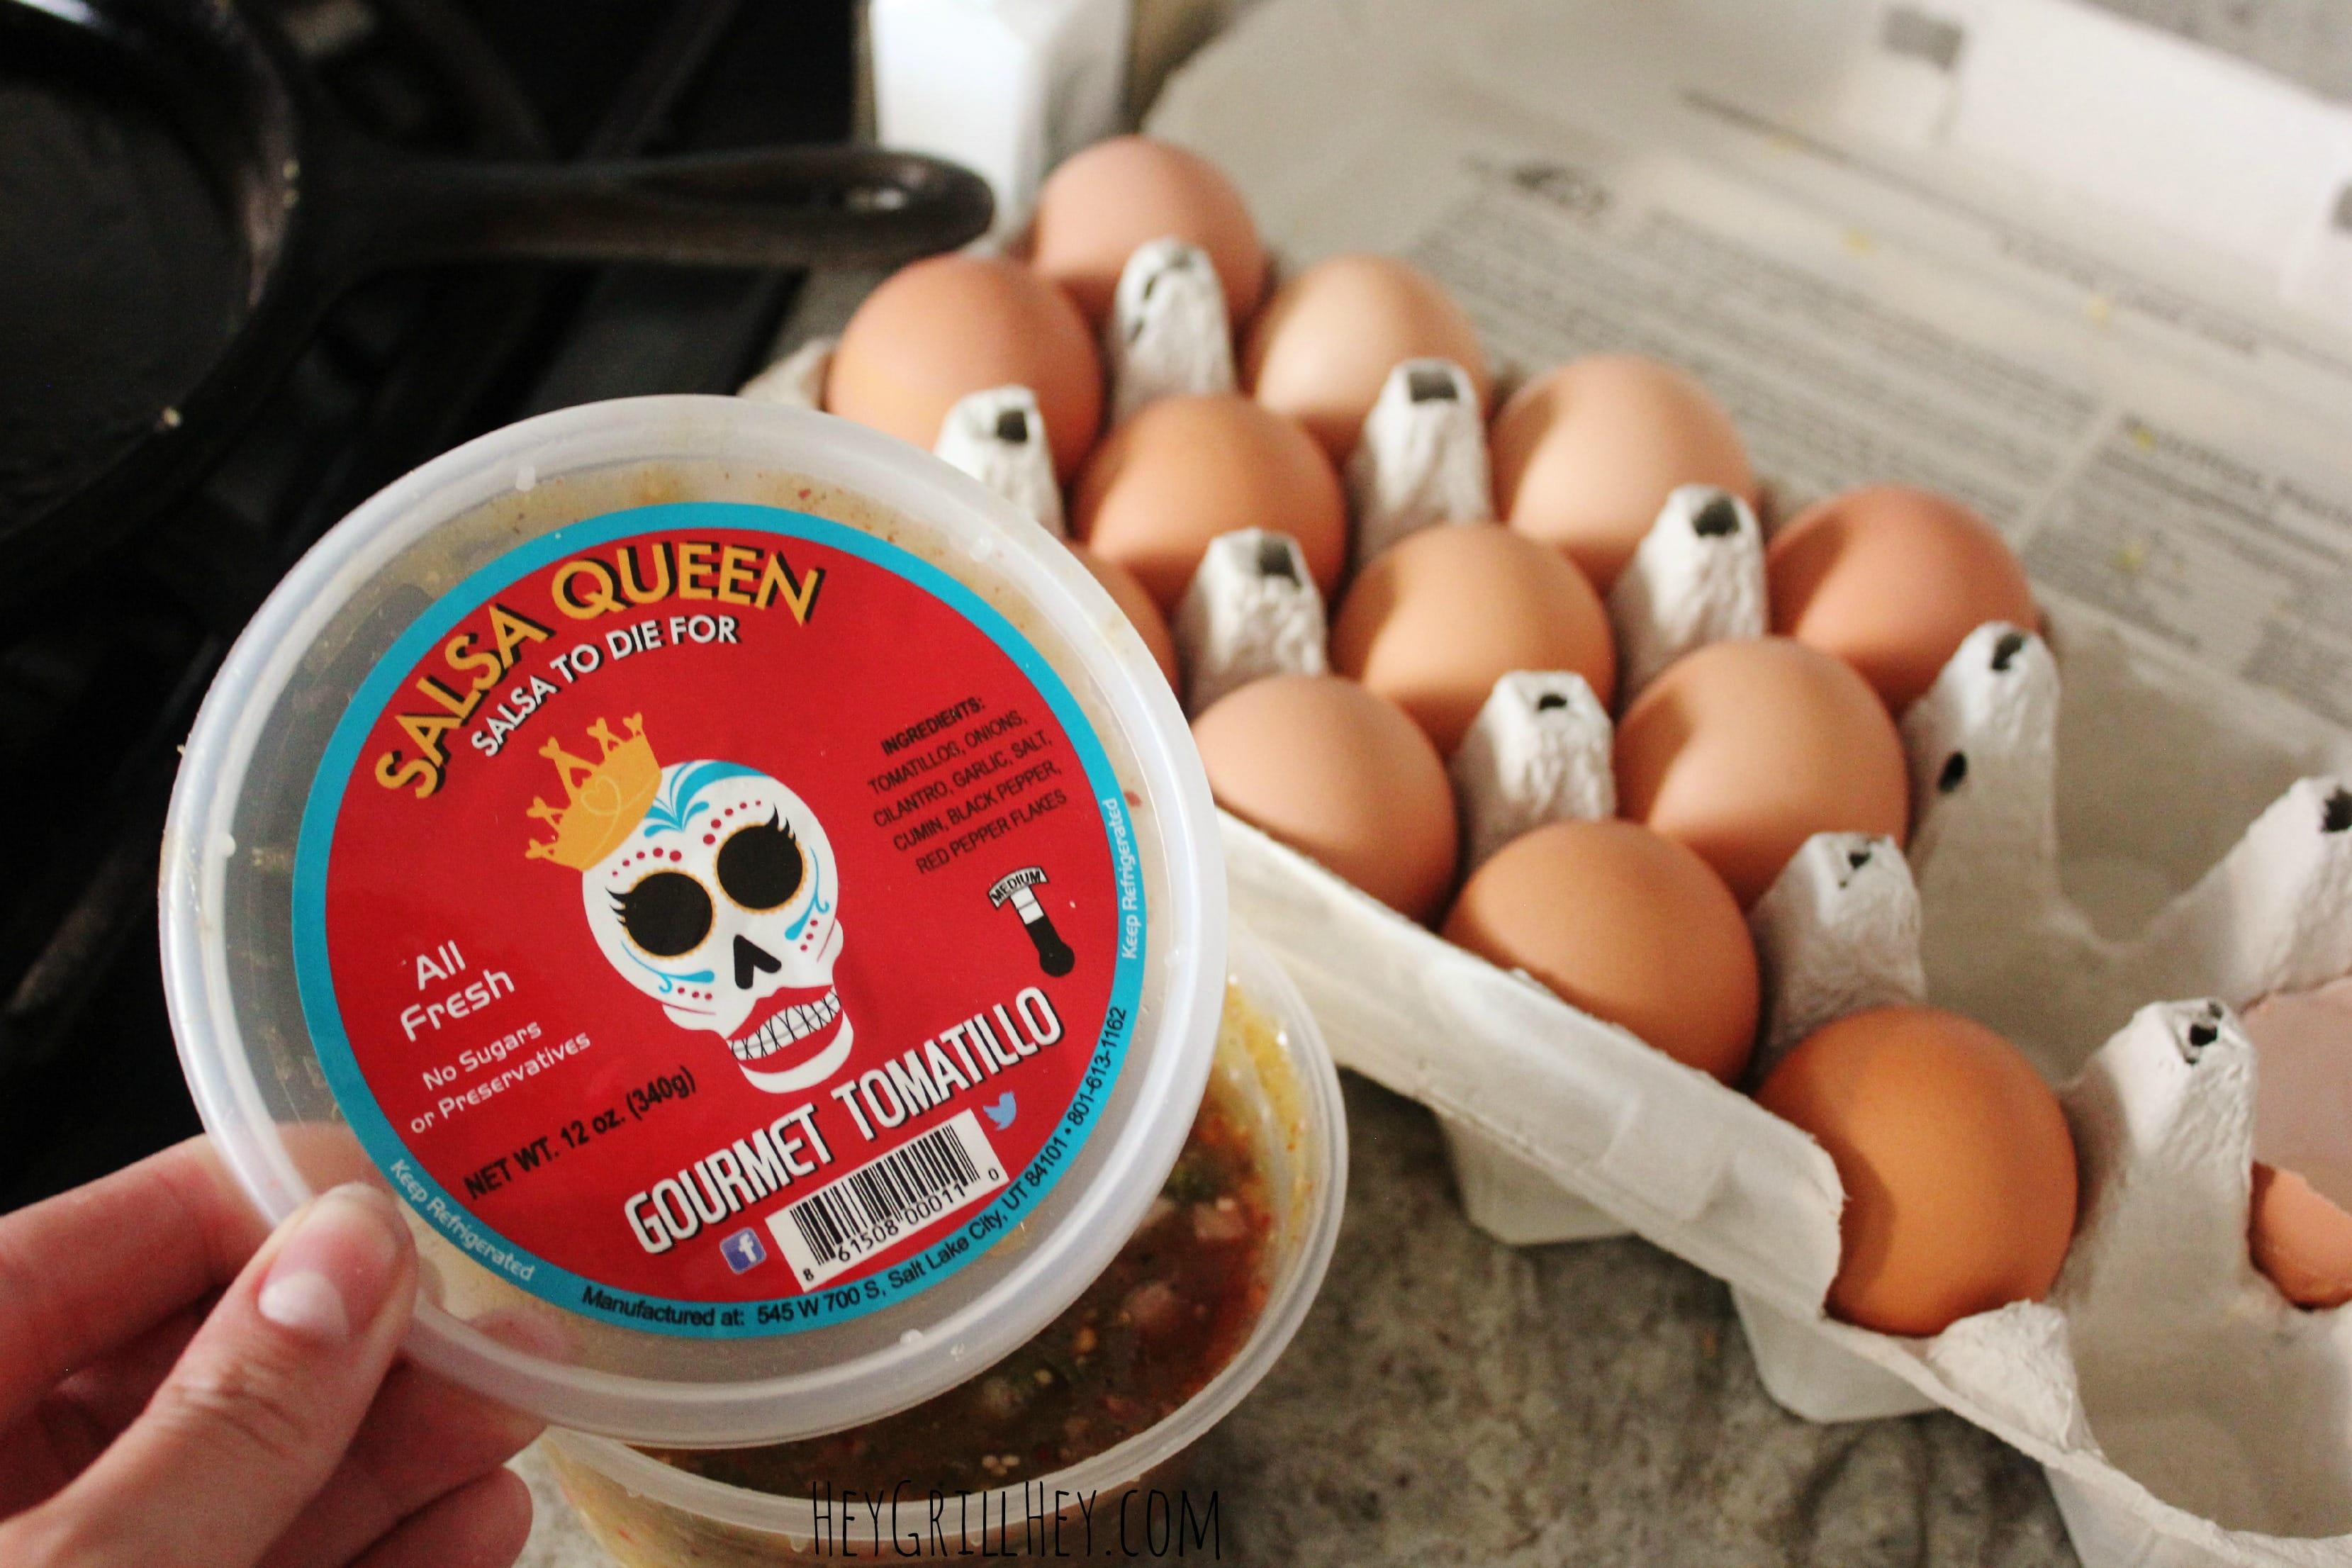 A bowl of salsa next to an open carton of brown eggs.